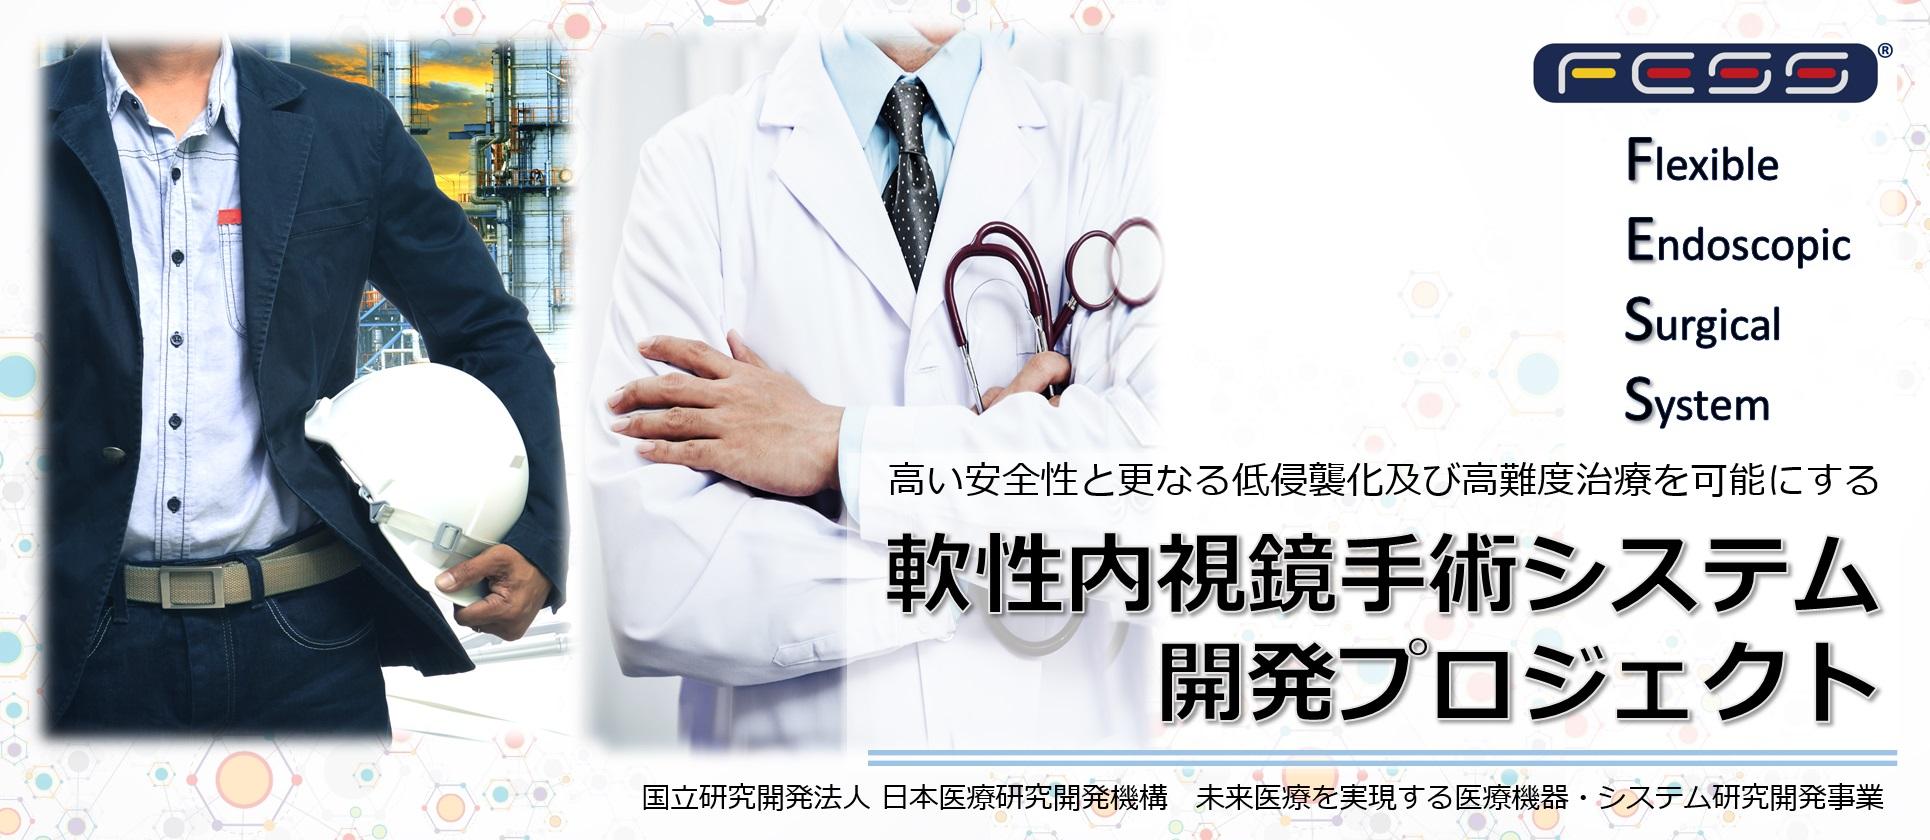 開発 医療 機構 日本 研究 開発 研究 法人 国立